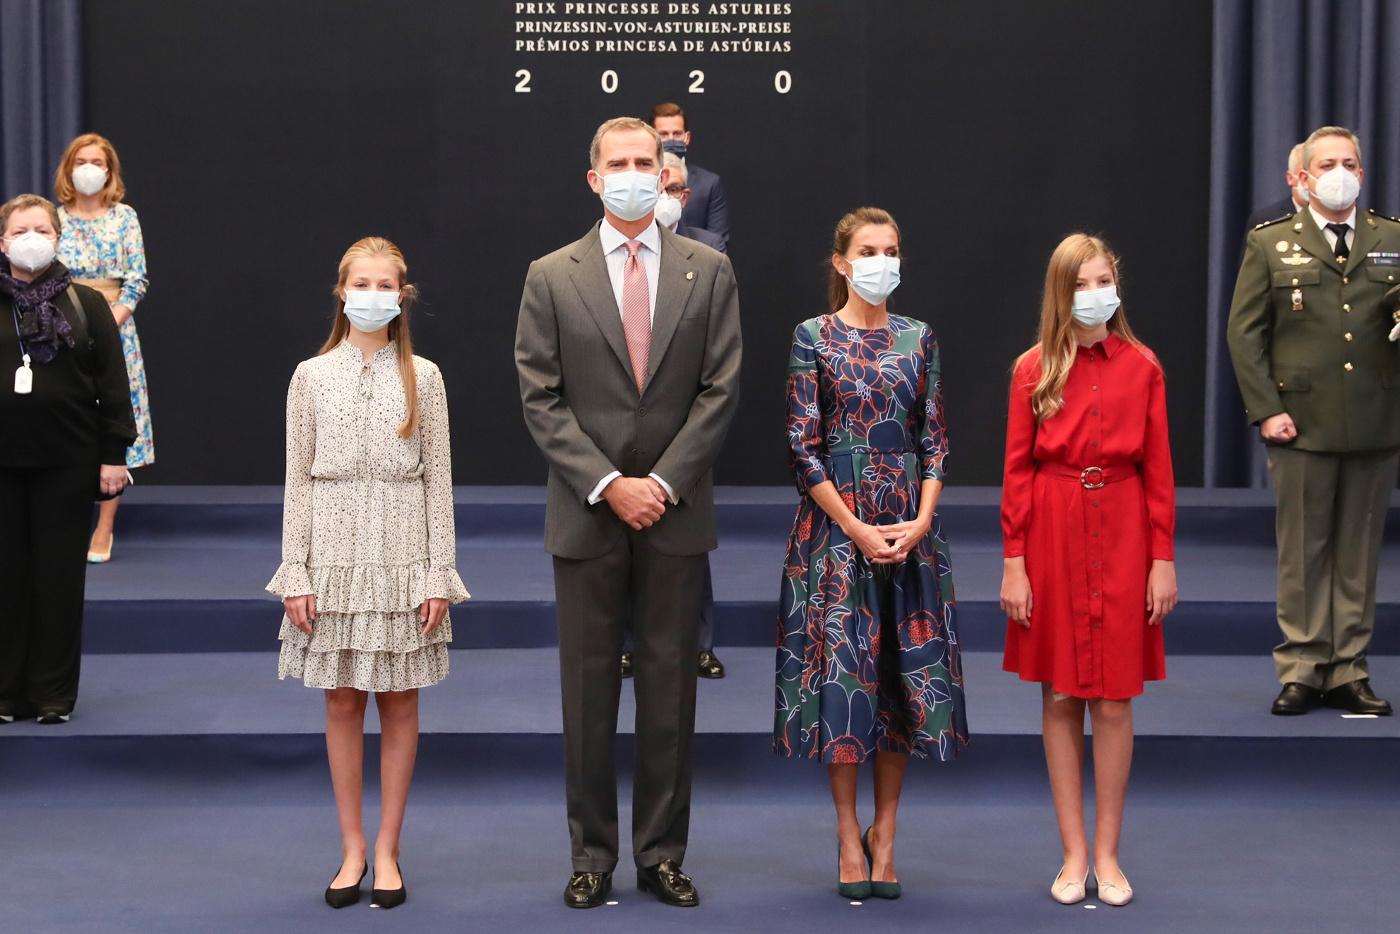 La reina Letizia recupera su Carolina Herrera para el evento matinal de los premios Princesa de Asturias 2020